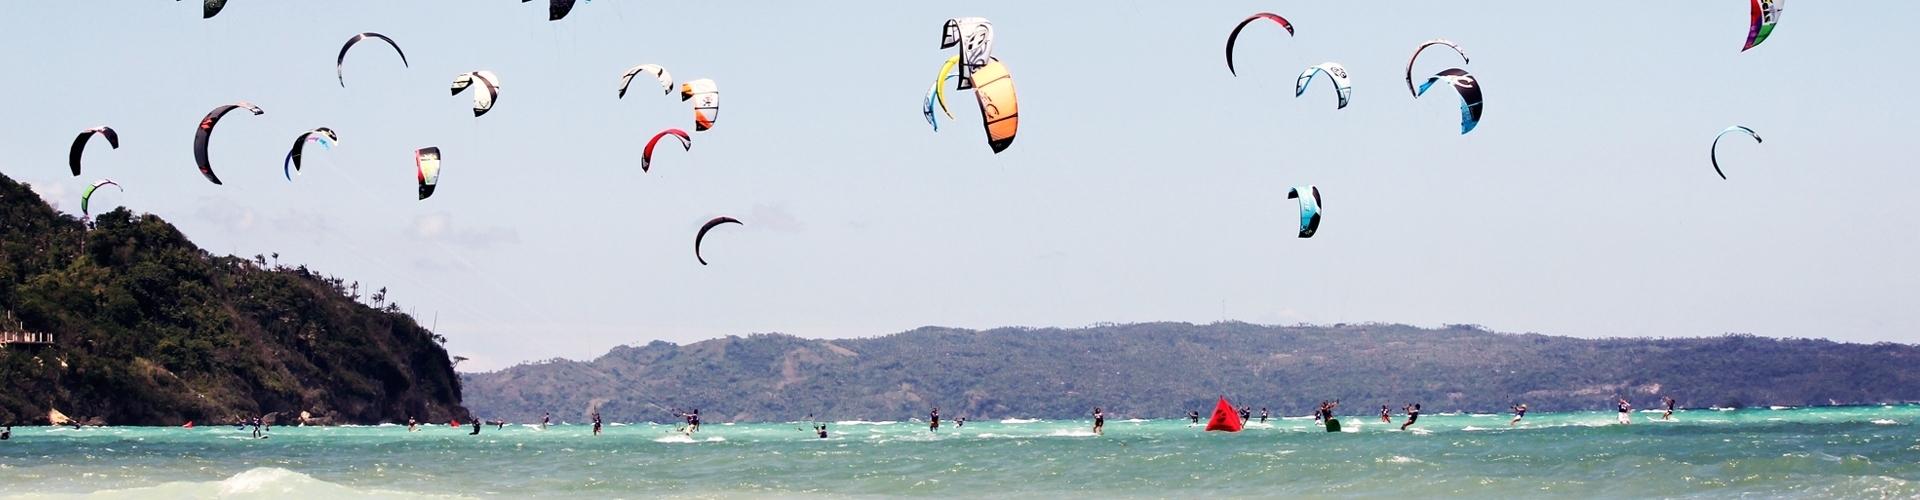 surfen en kite surfen in zuid afrika kite header